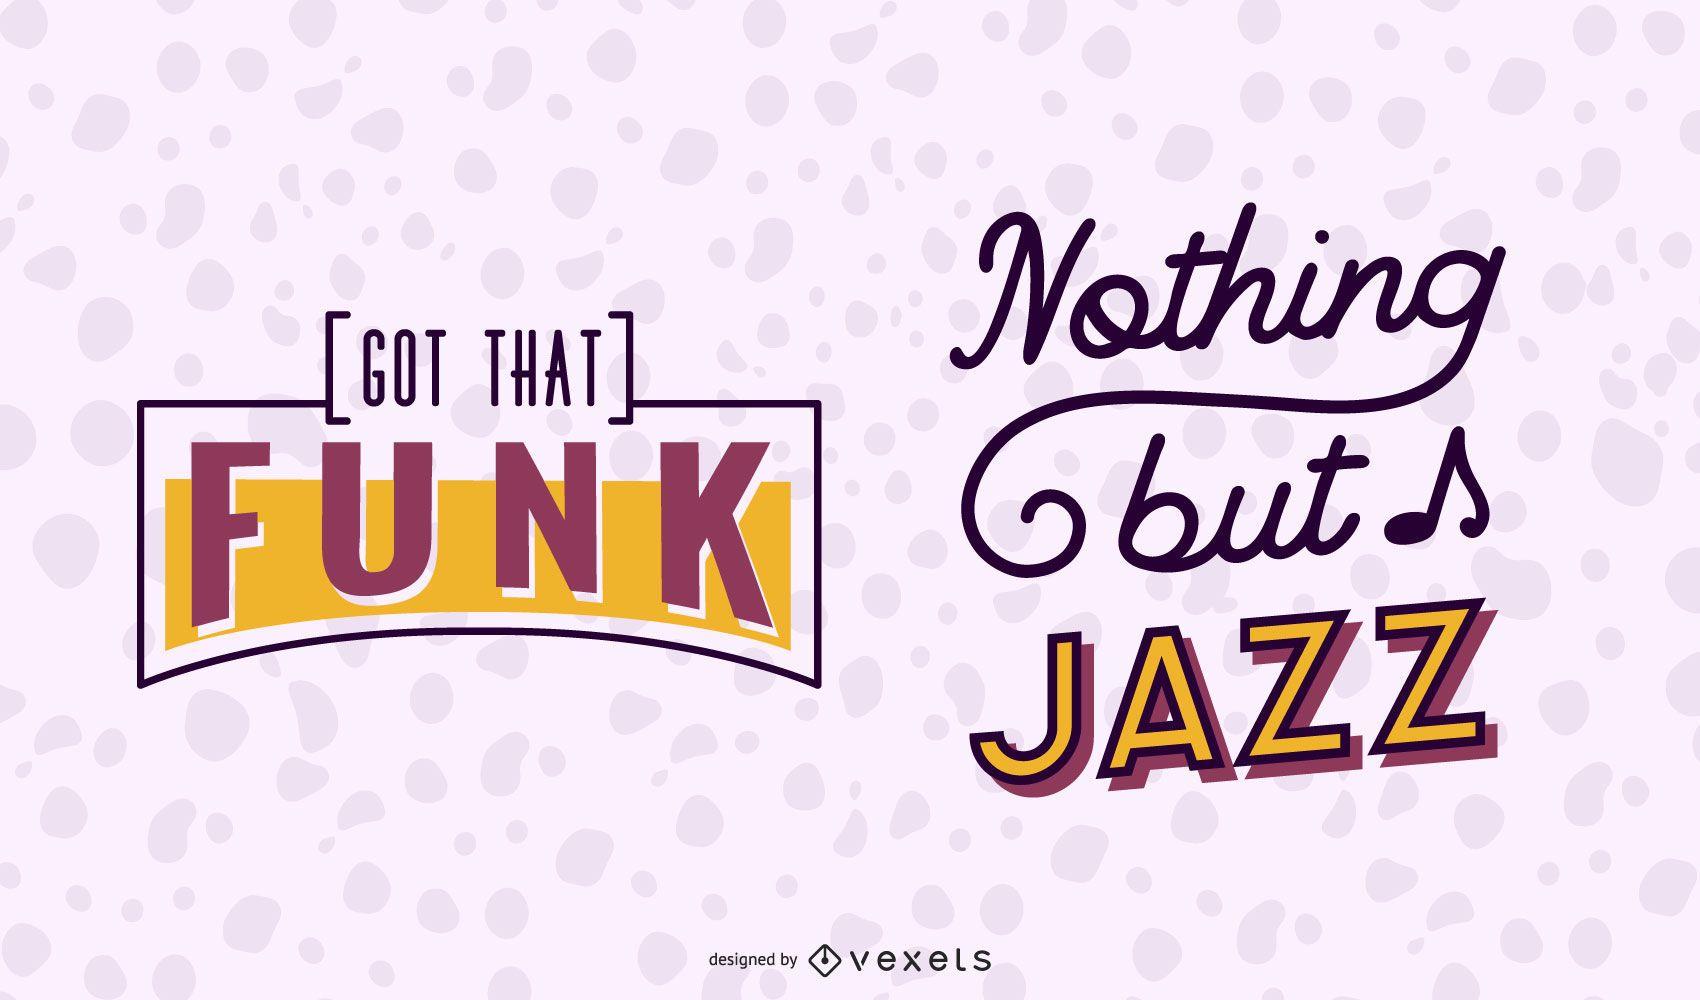 Conjunto de estandartes para letras de música funk jazz